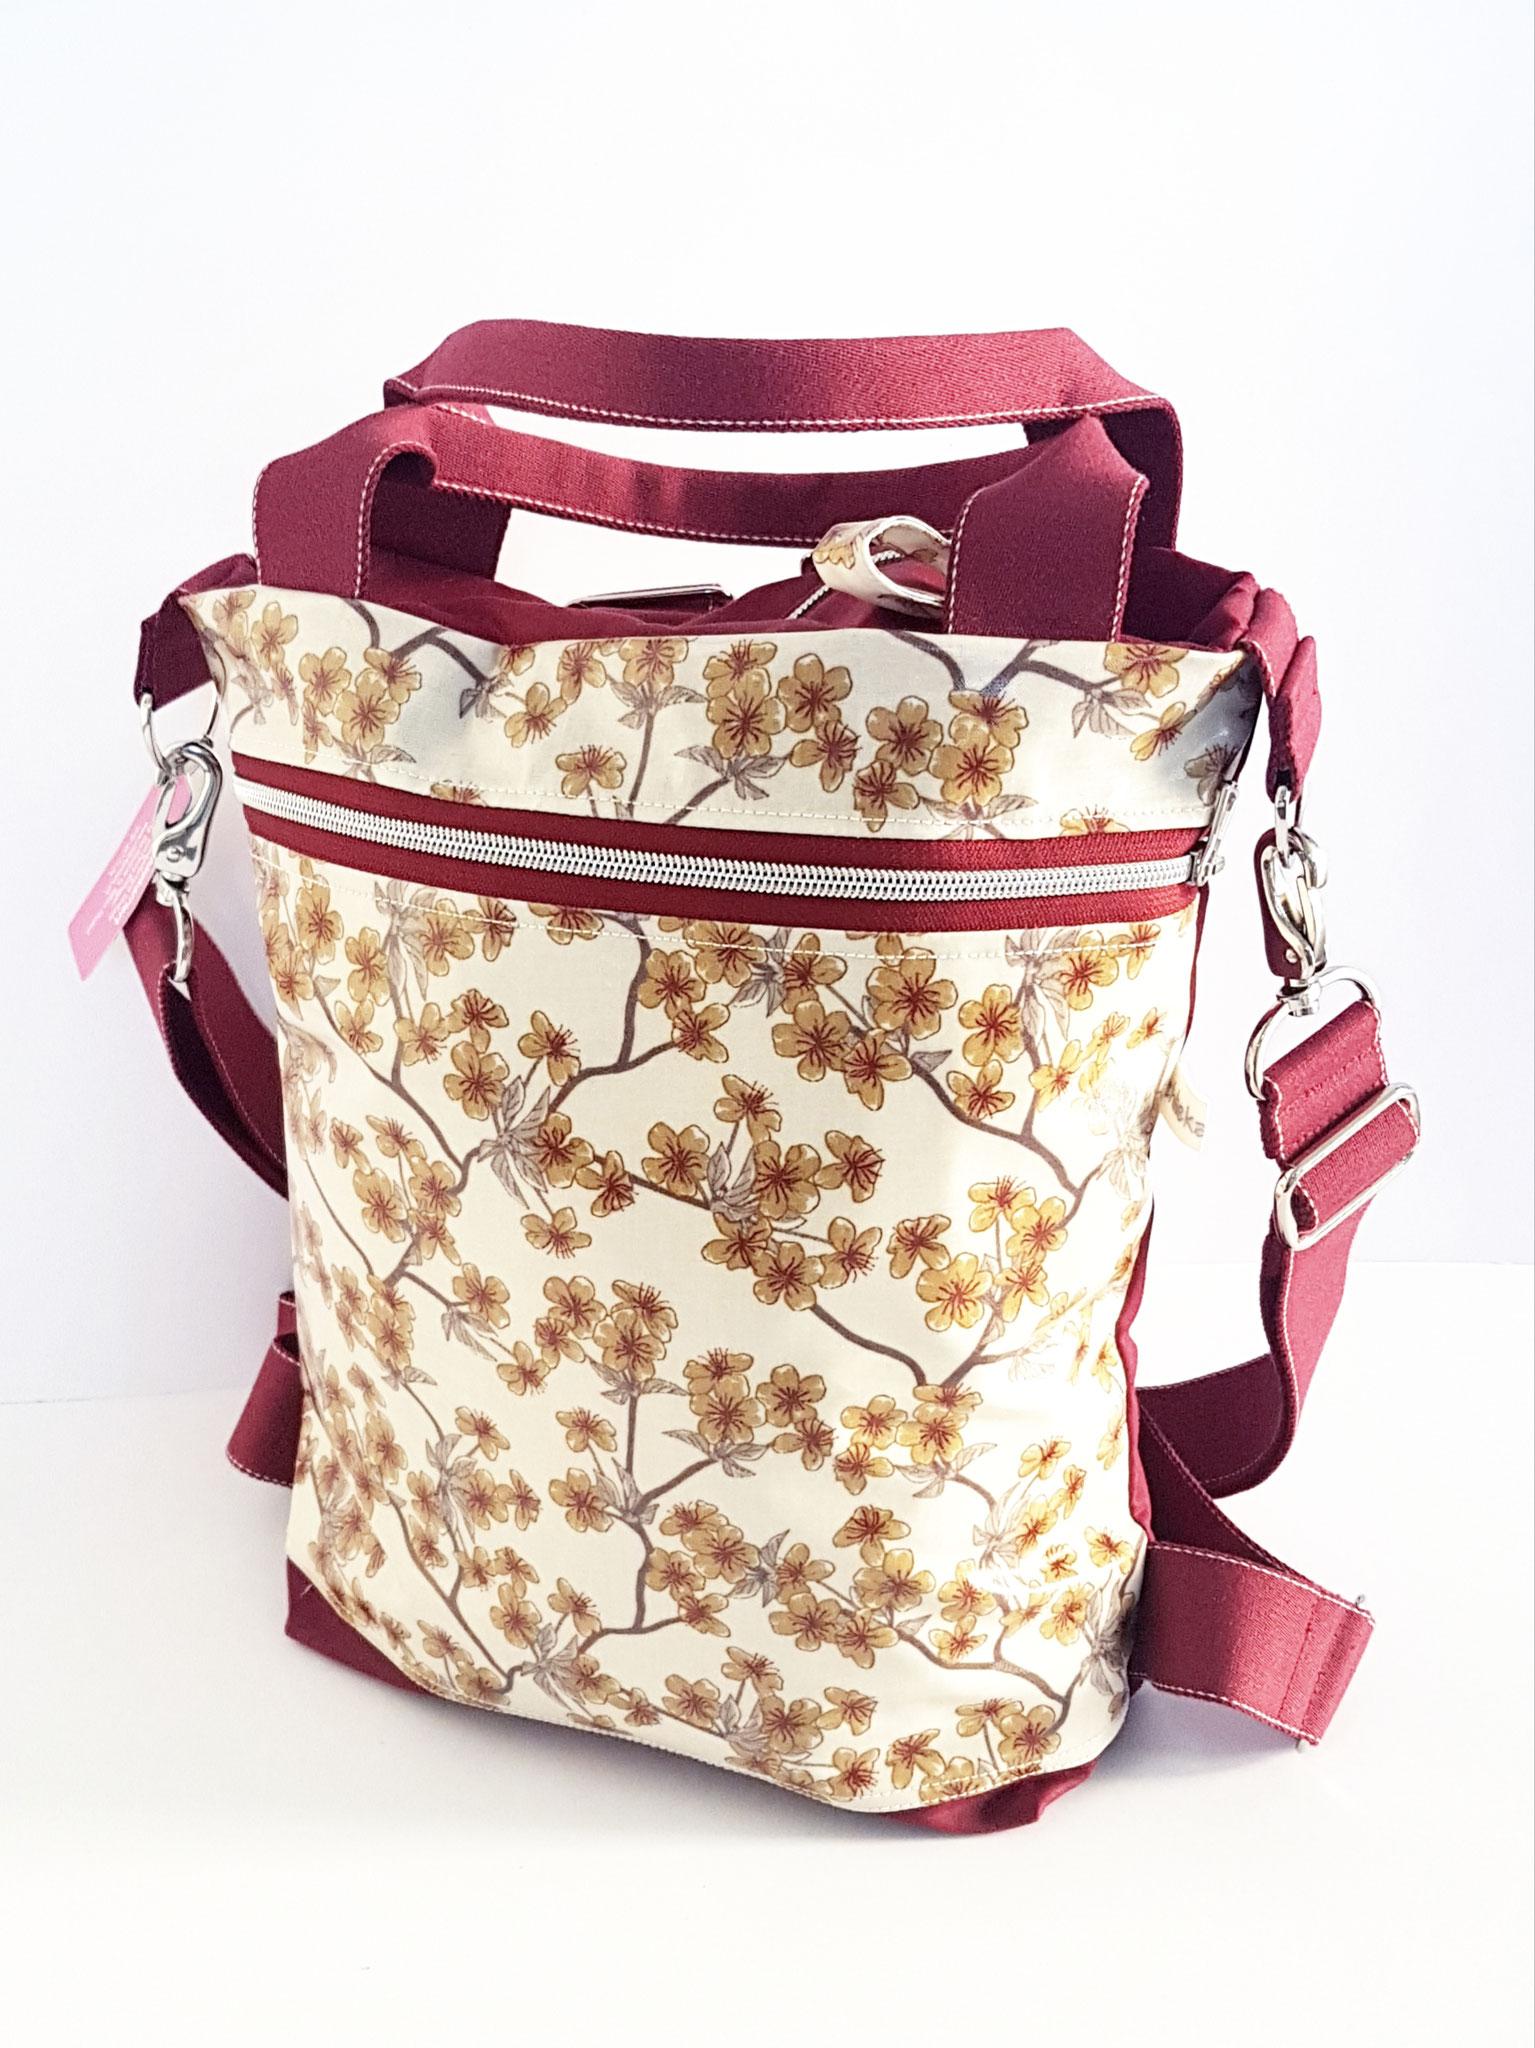 3in1 Bag M, Oilsikn kombiniert mit Wachstuch, verkauft